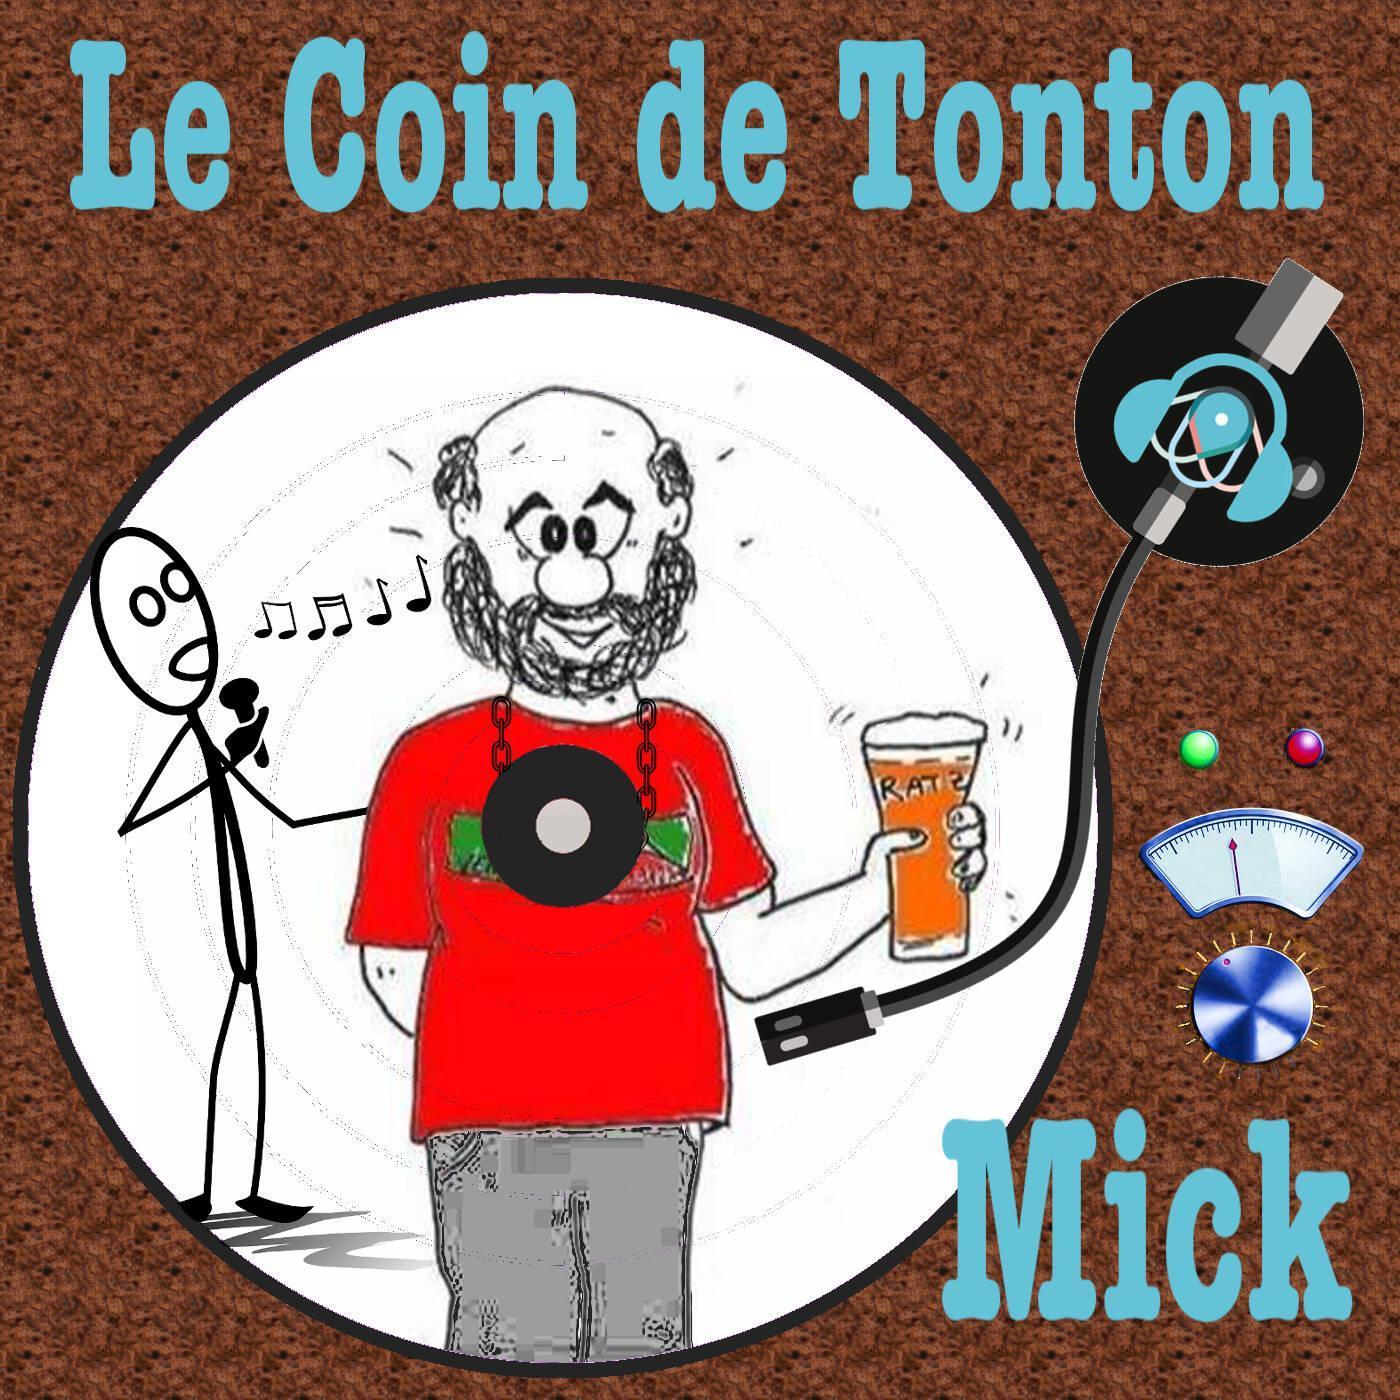 LE COIN DE TONTON MICK S1E24 - Chansons sur les maisons